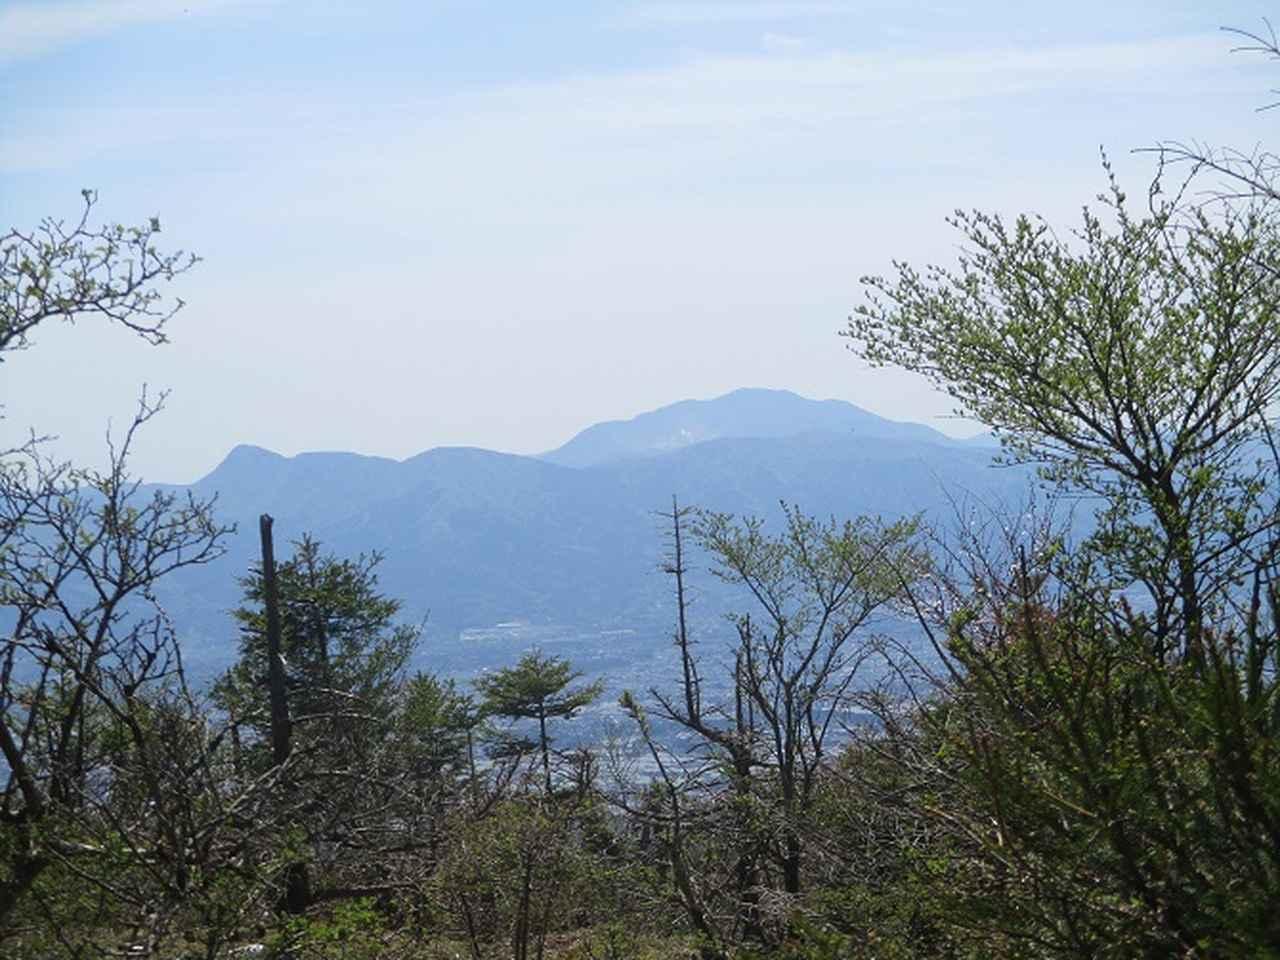 画像4: 5月10日に山旅会 「籠坂峠から三国山」 ツアーにいってきました!